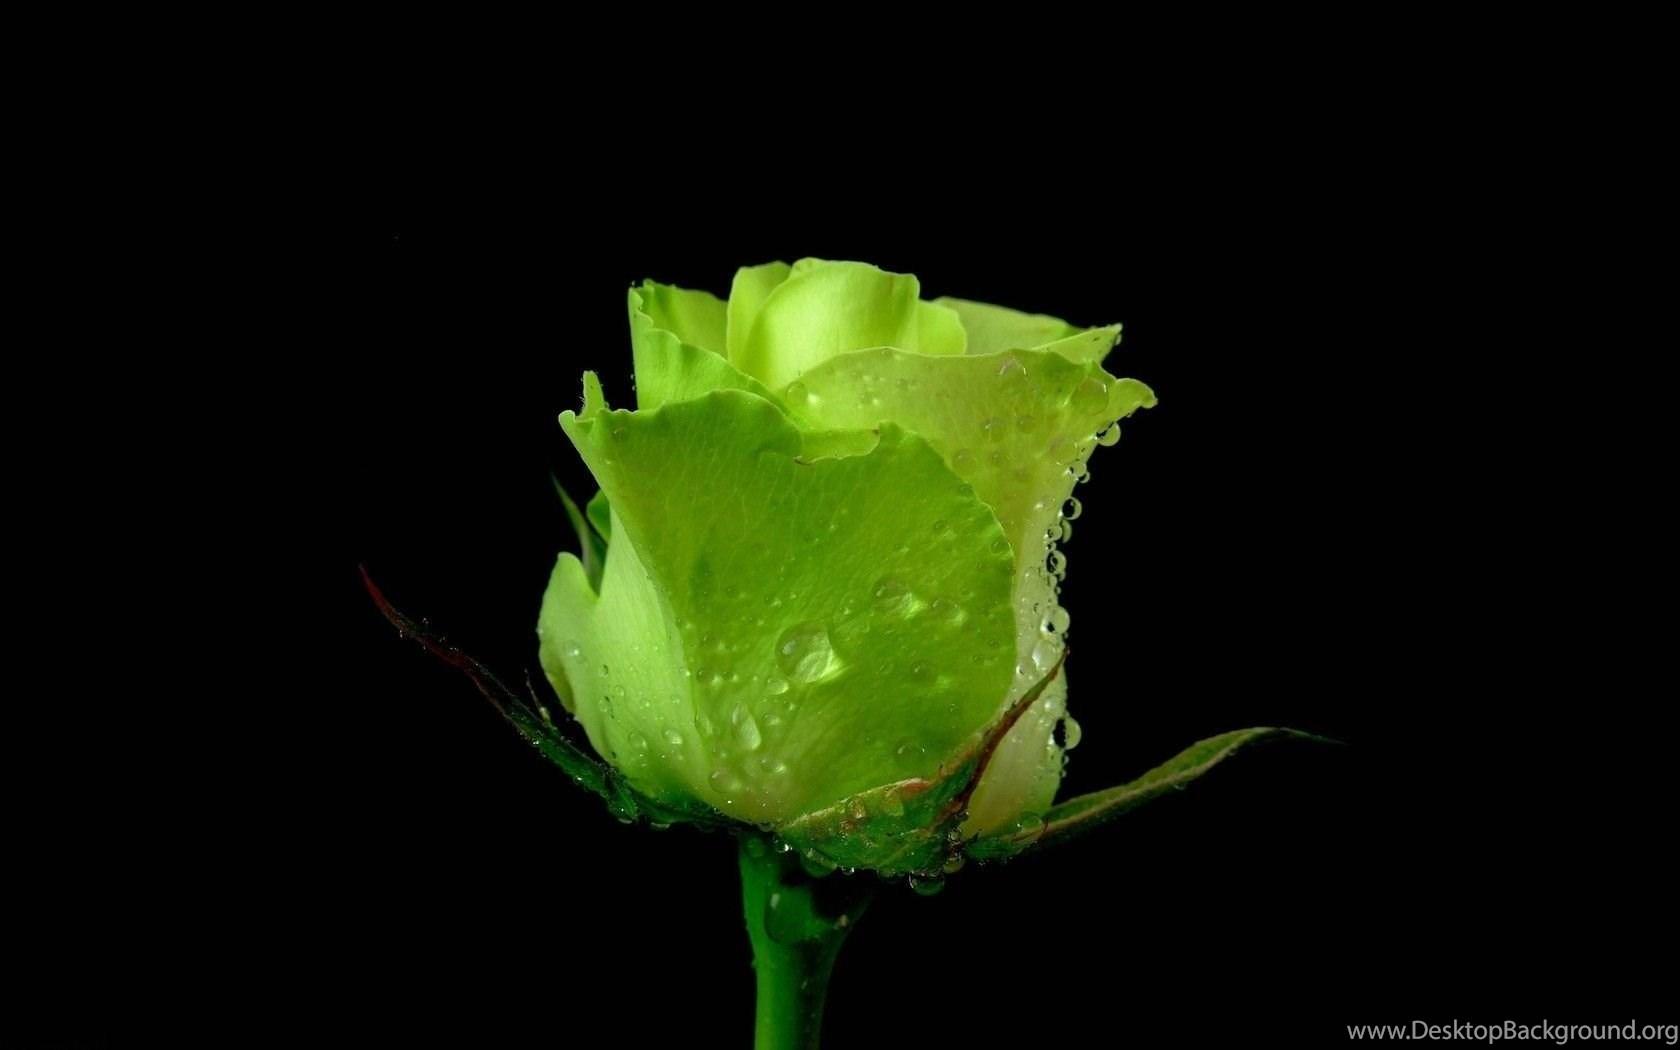 Green Rose Flower On Black Backgrounds Wallpapers Desktop Background